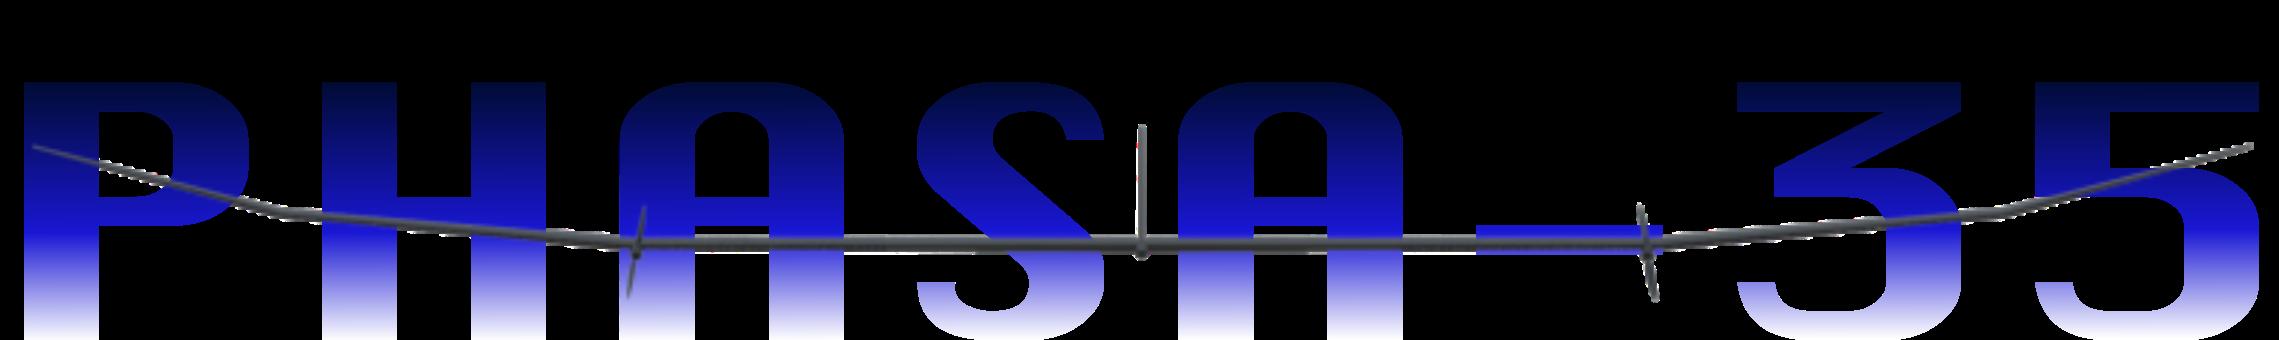 PHASA-35 logo